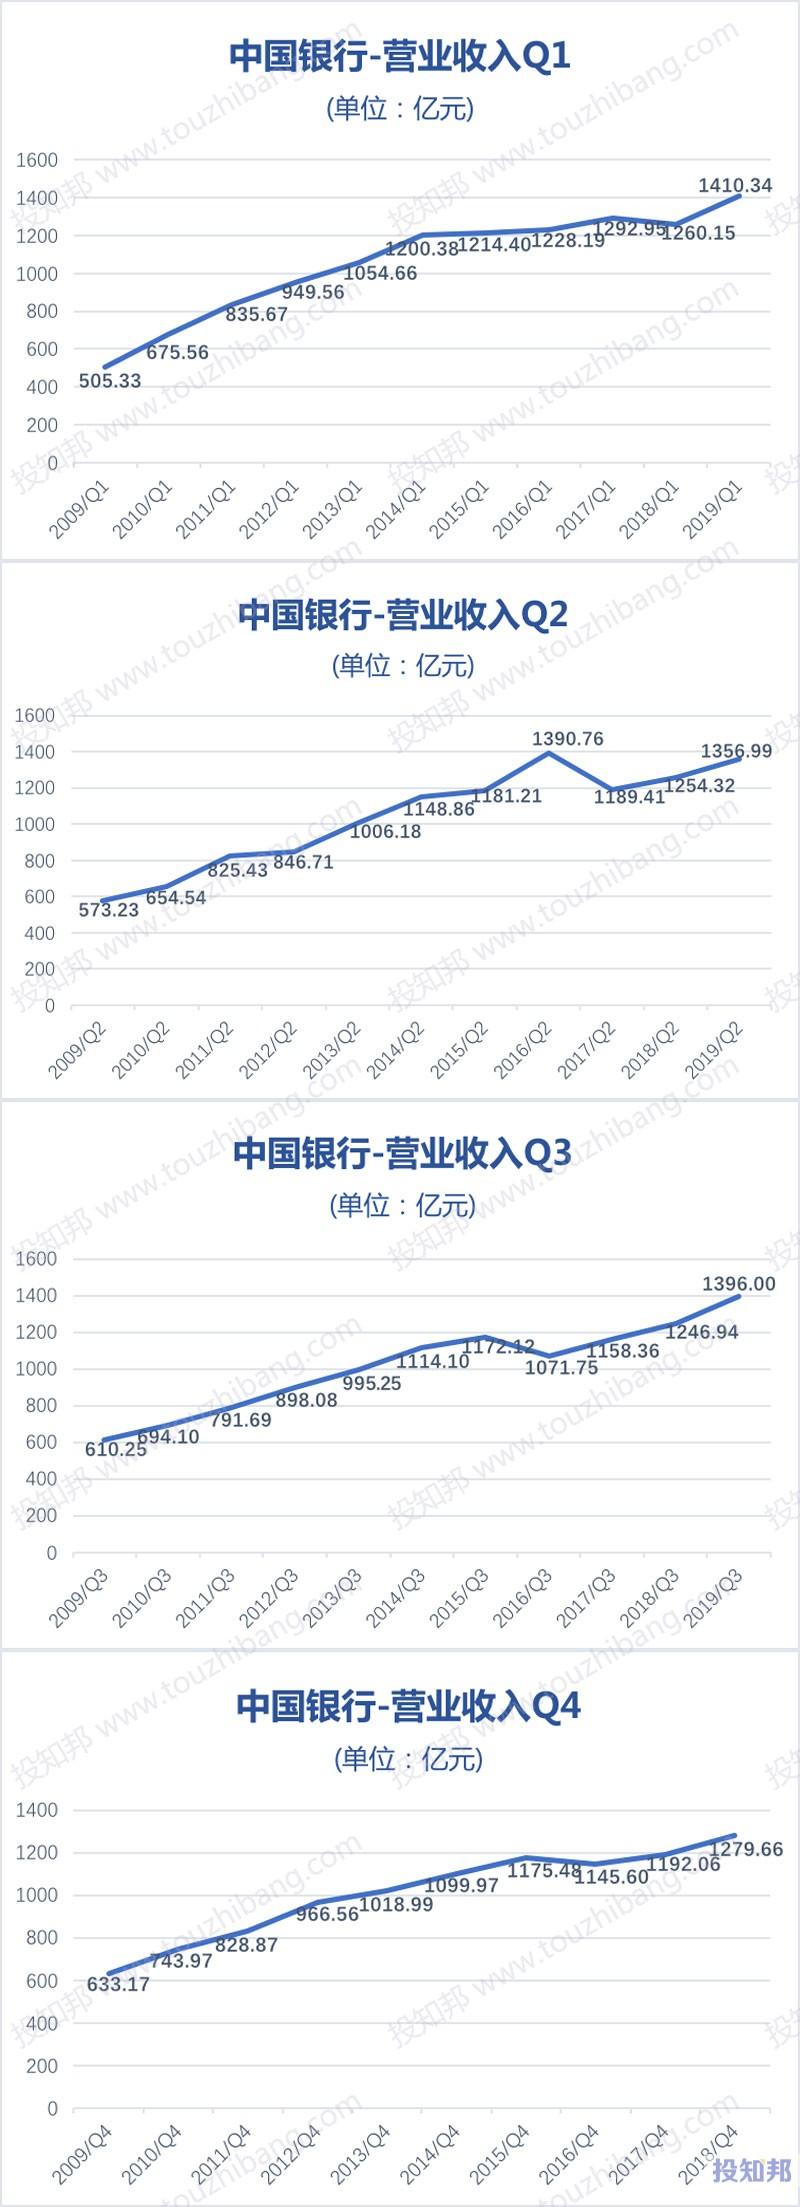 图解中国银行(601988)财报数据(2009年~2019年Q3)